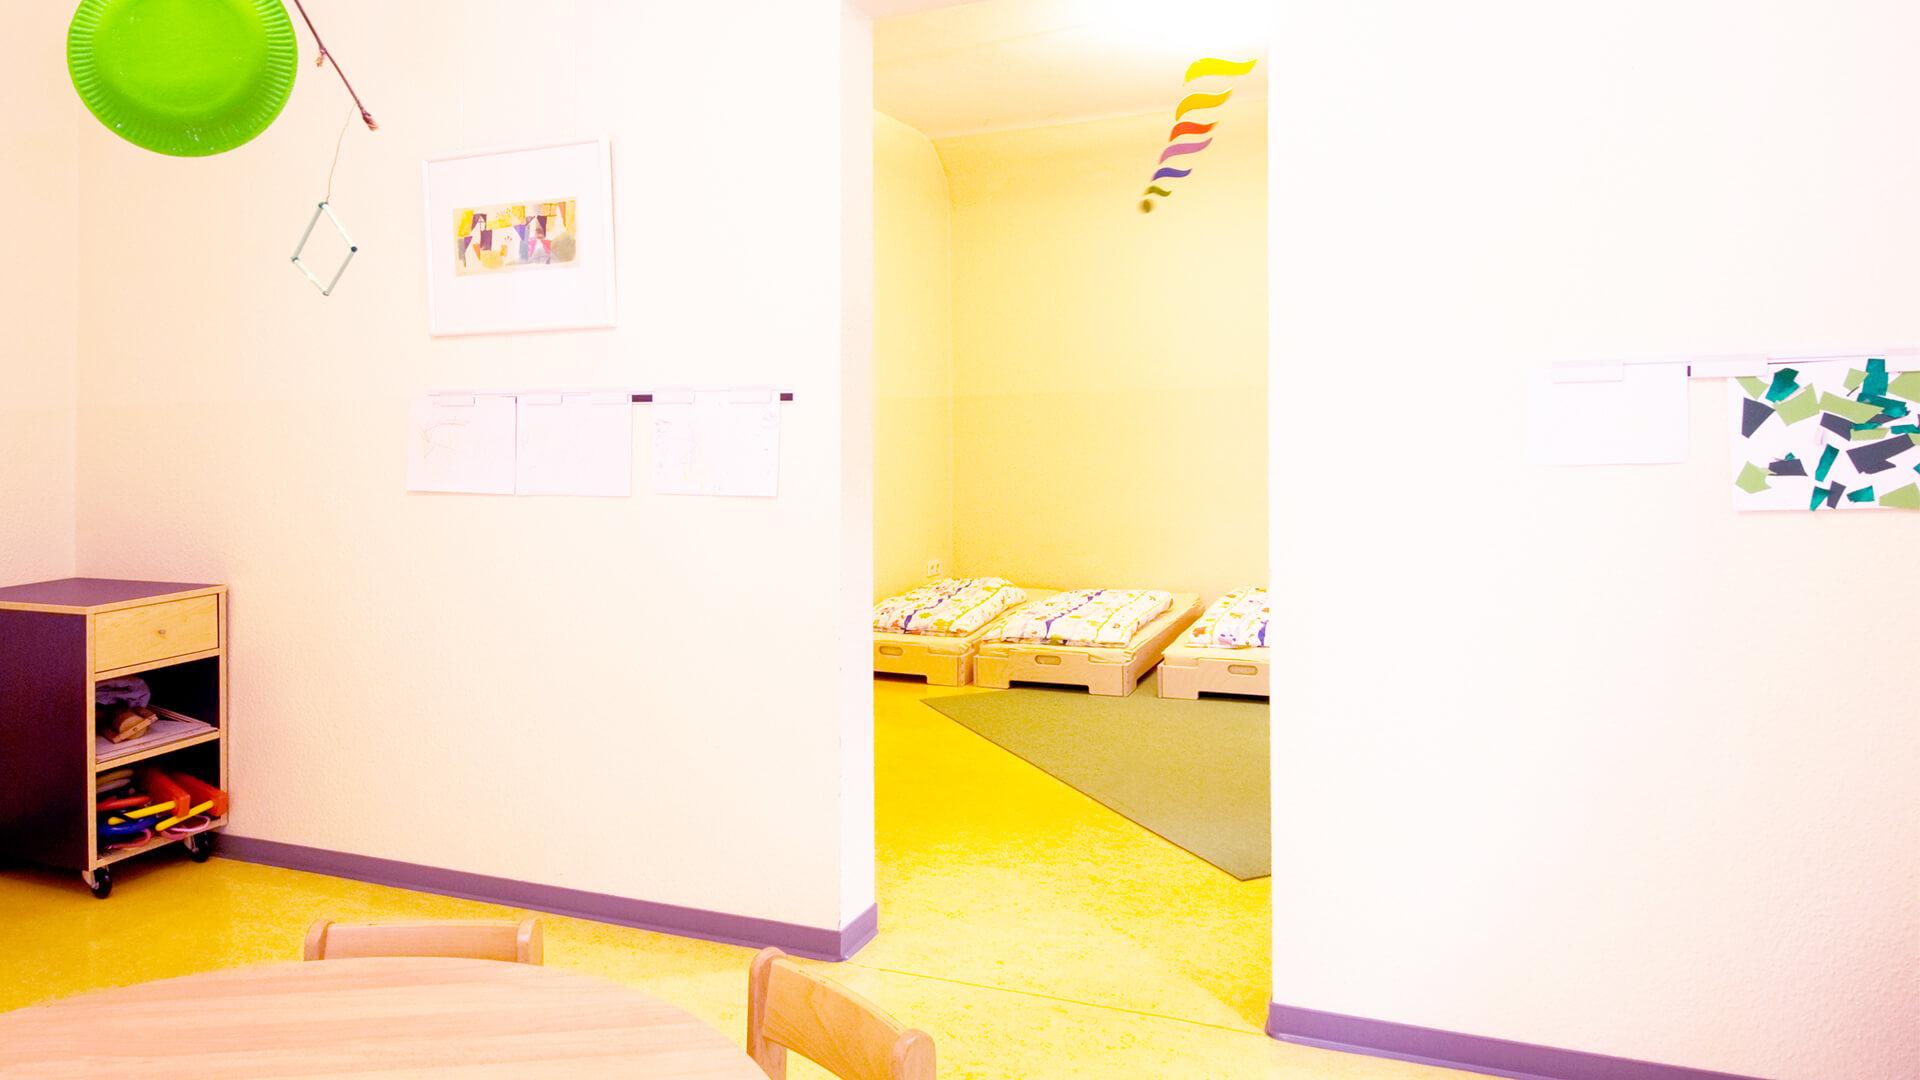 Schlafraum in der Kita Spatzennest mit bodennahen Betten